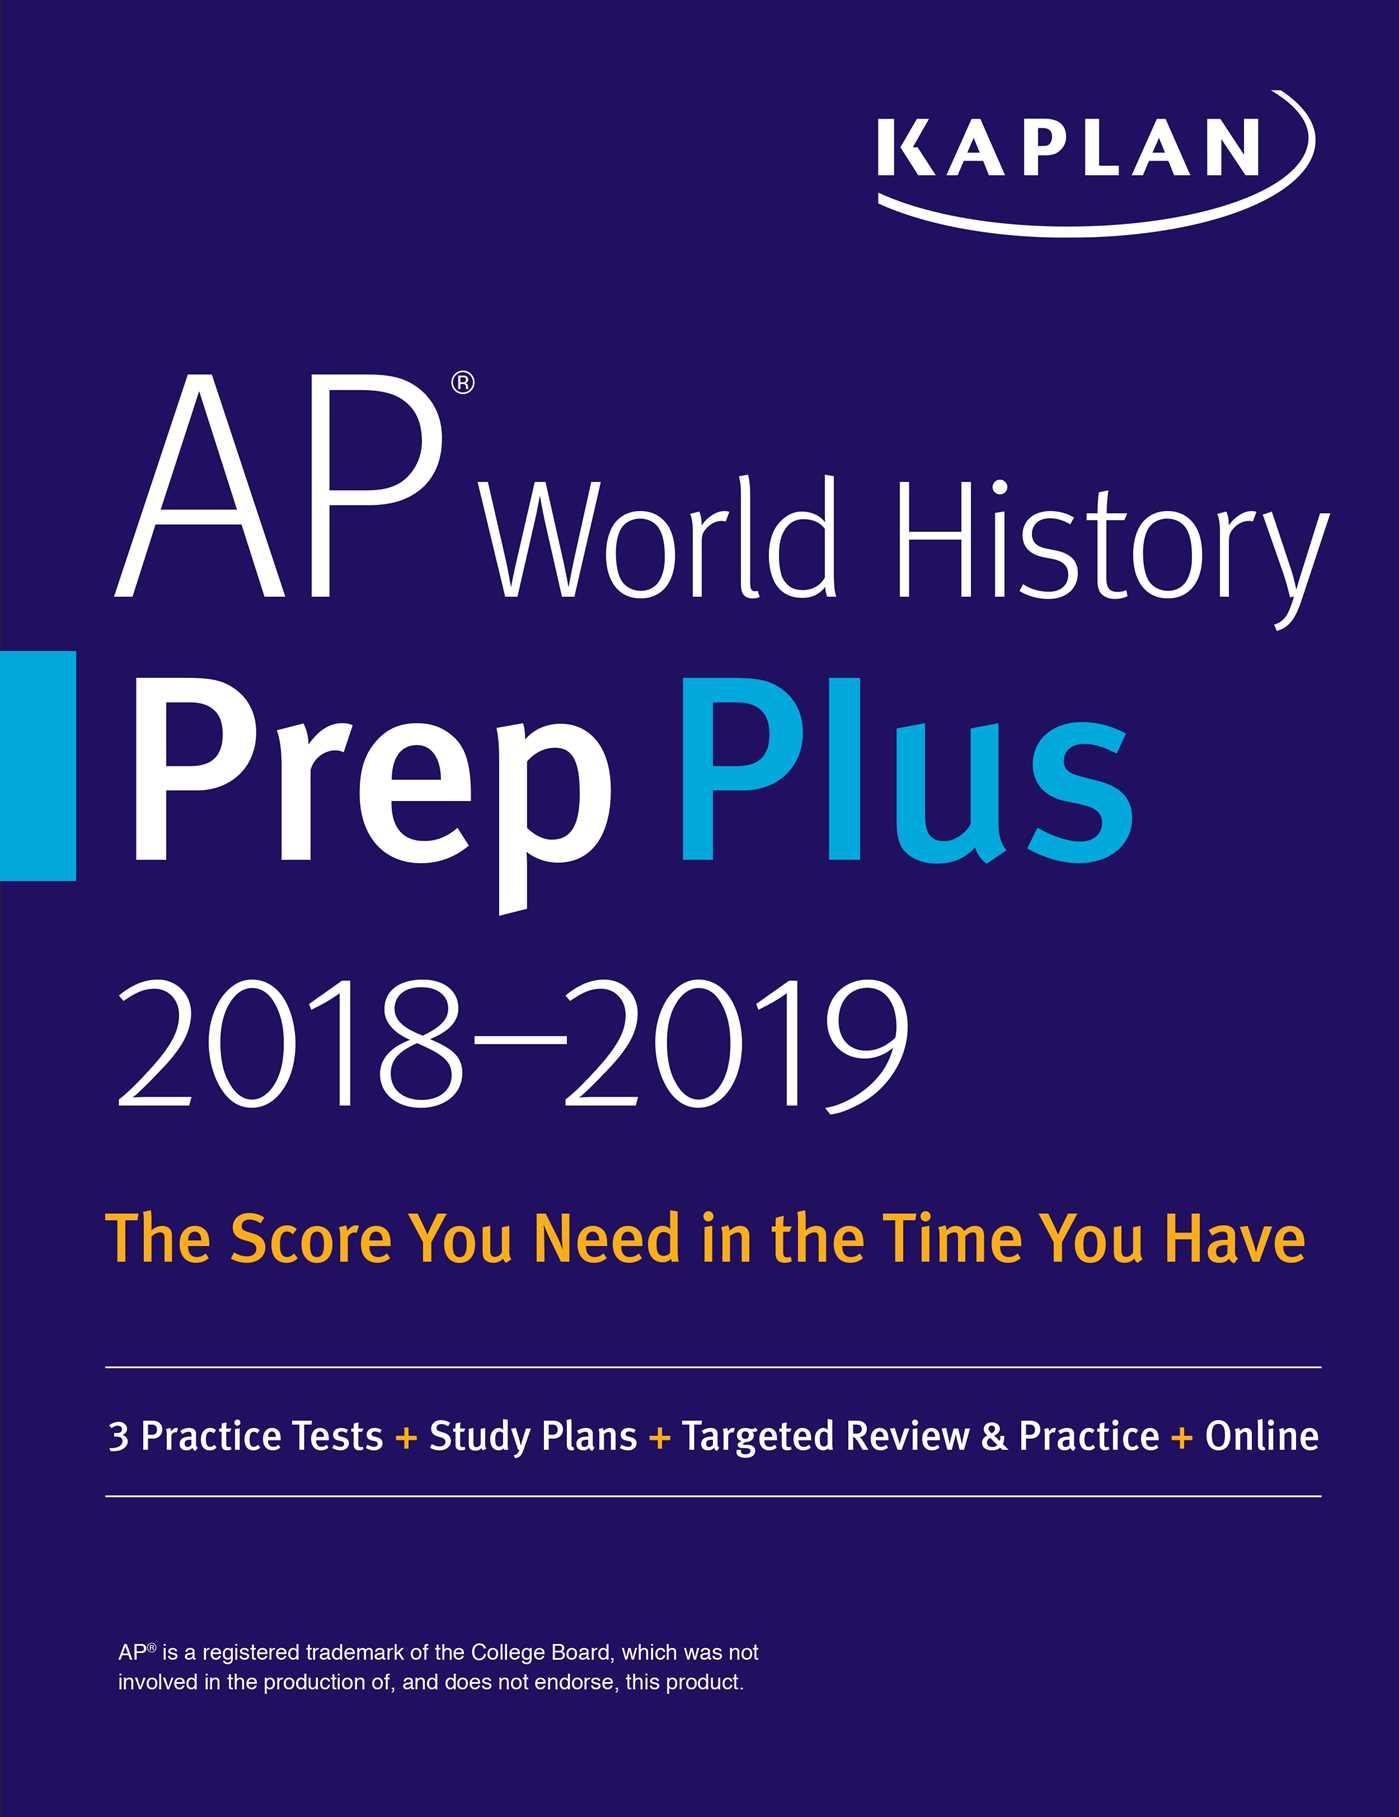 Ap world history prep plus 2018 2019 9781506225579 hr